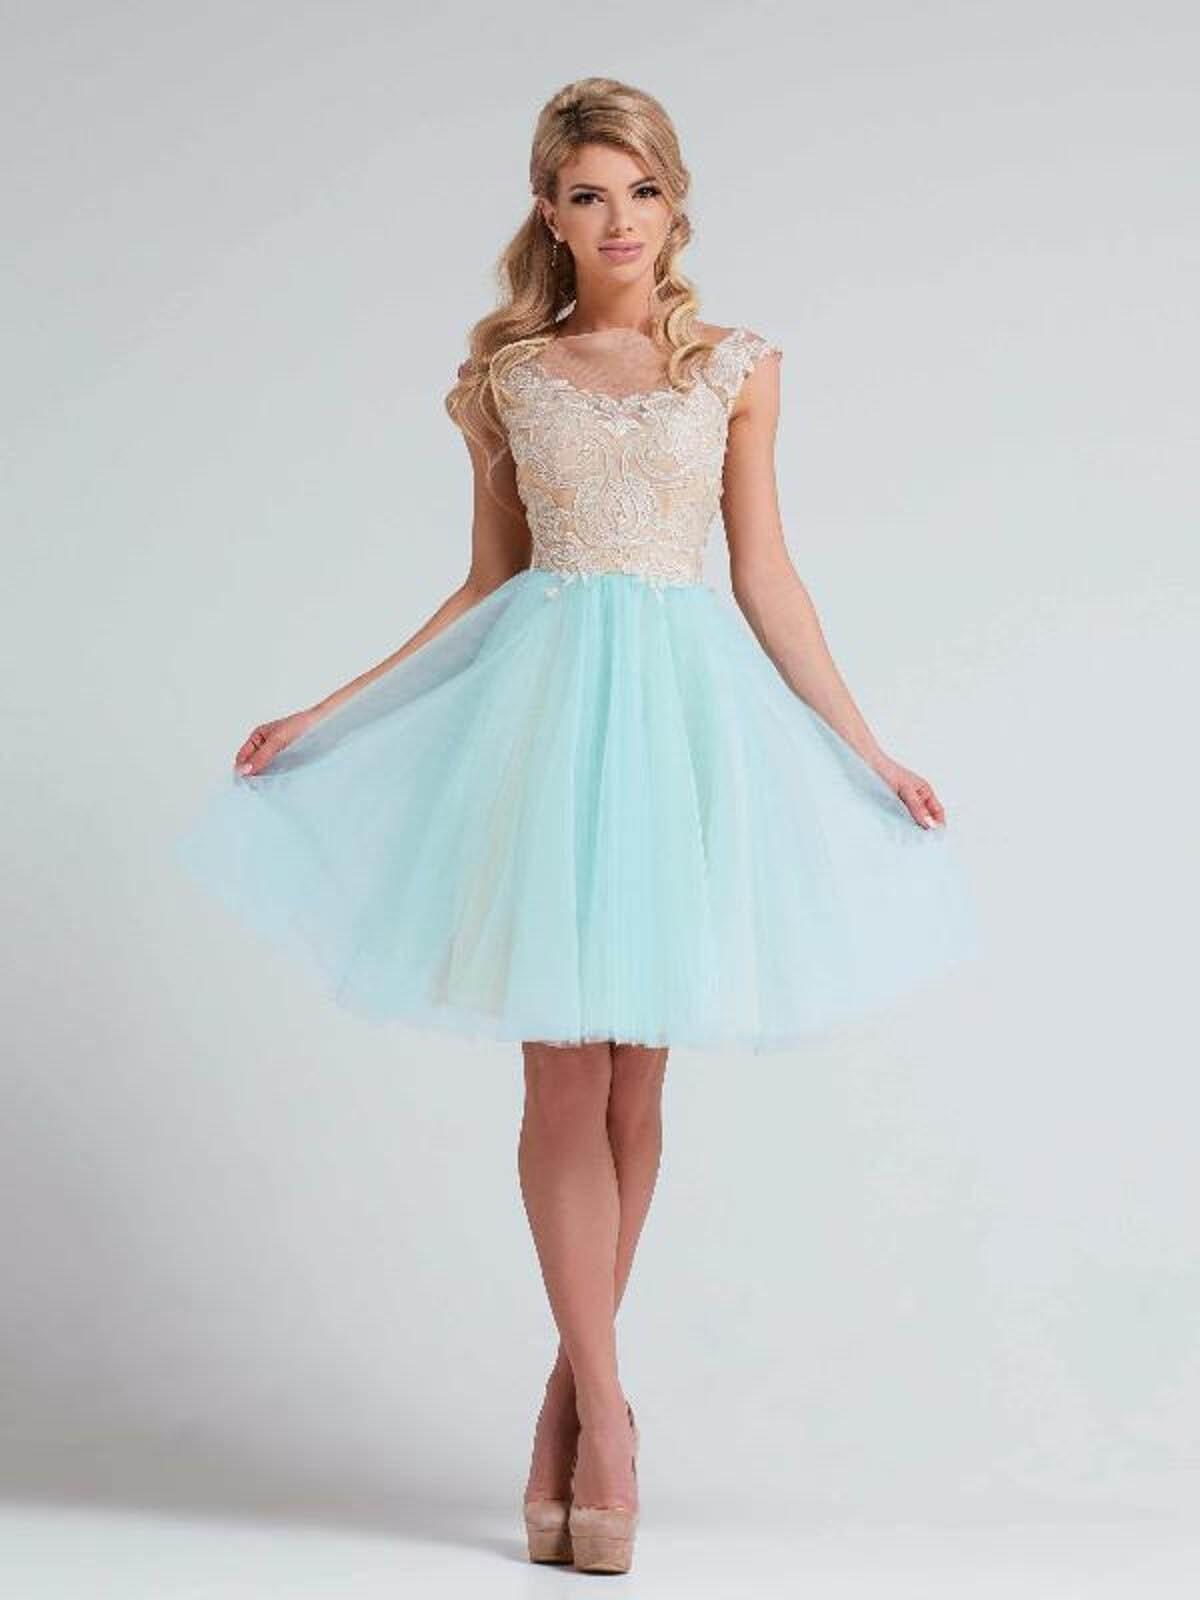 модное вечернее короткое платье 2018 юбка шифон голубое верх белый тенденции тренды фото новинки